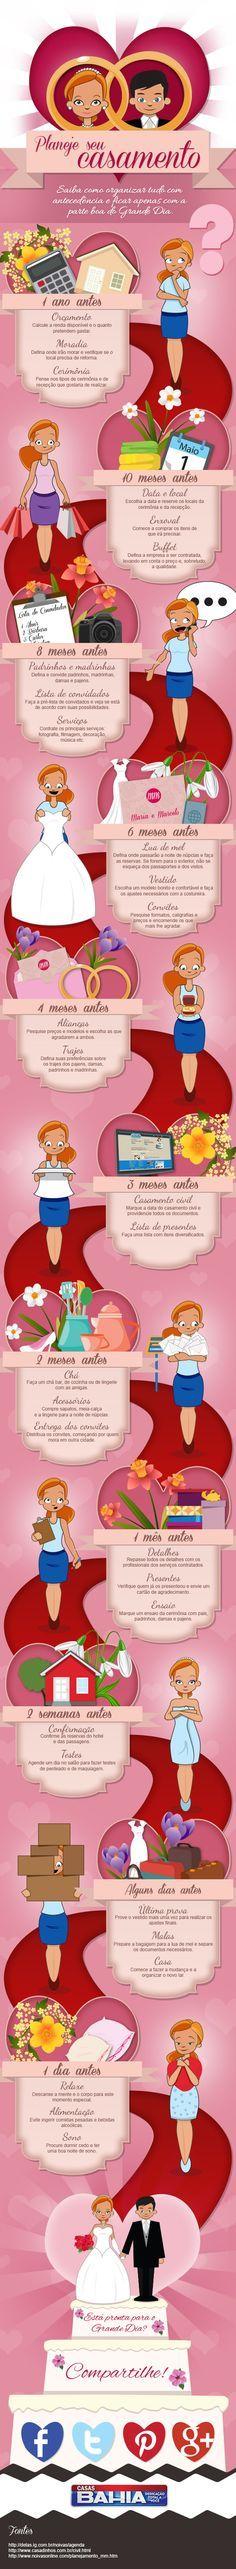 Planejando o casamento: http://www.blogdocasamento.com.br/cerimonia-festa-casamento/planejamento-festa-cerimonia-casamento/infografico-planeje-o-seu-casamento/